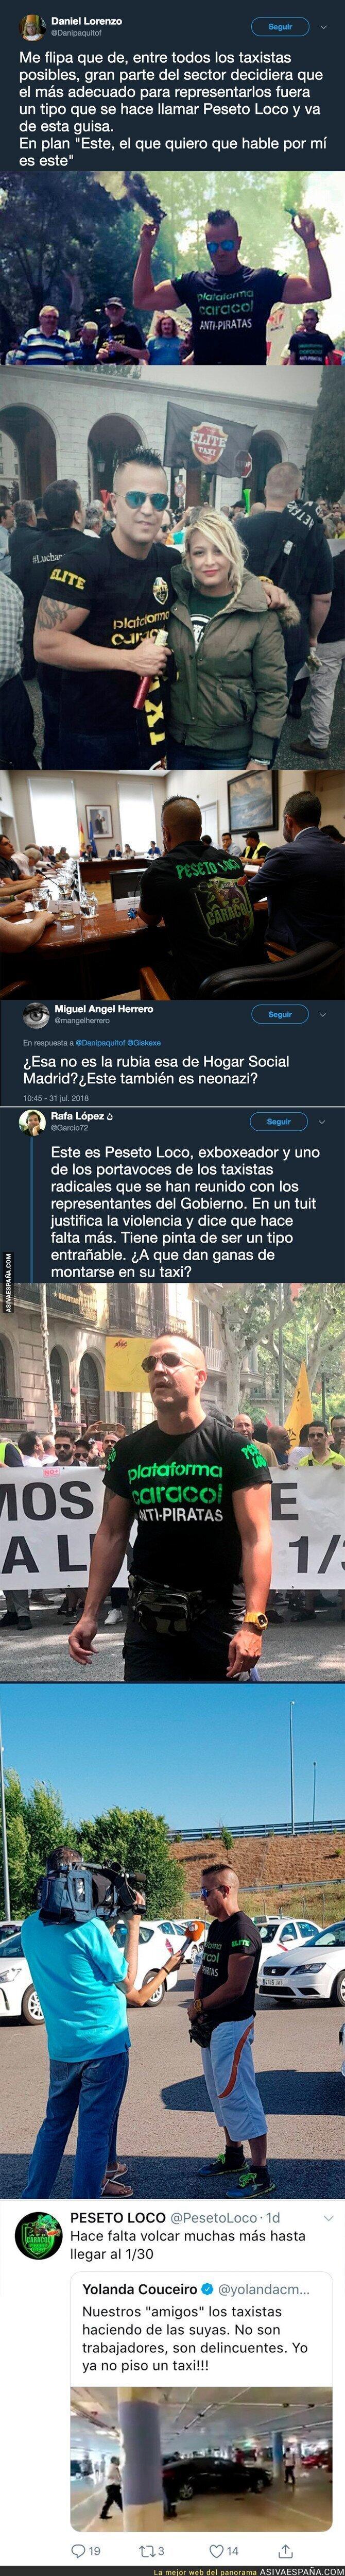 90356 - Este es 'Peseto Loco' uno de los polémicos representantes de los taxistas y sus peligrosas compañías